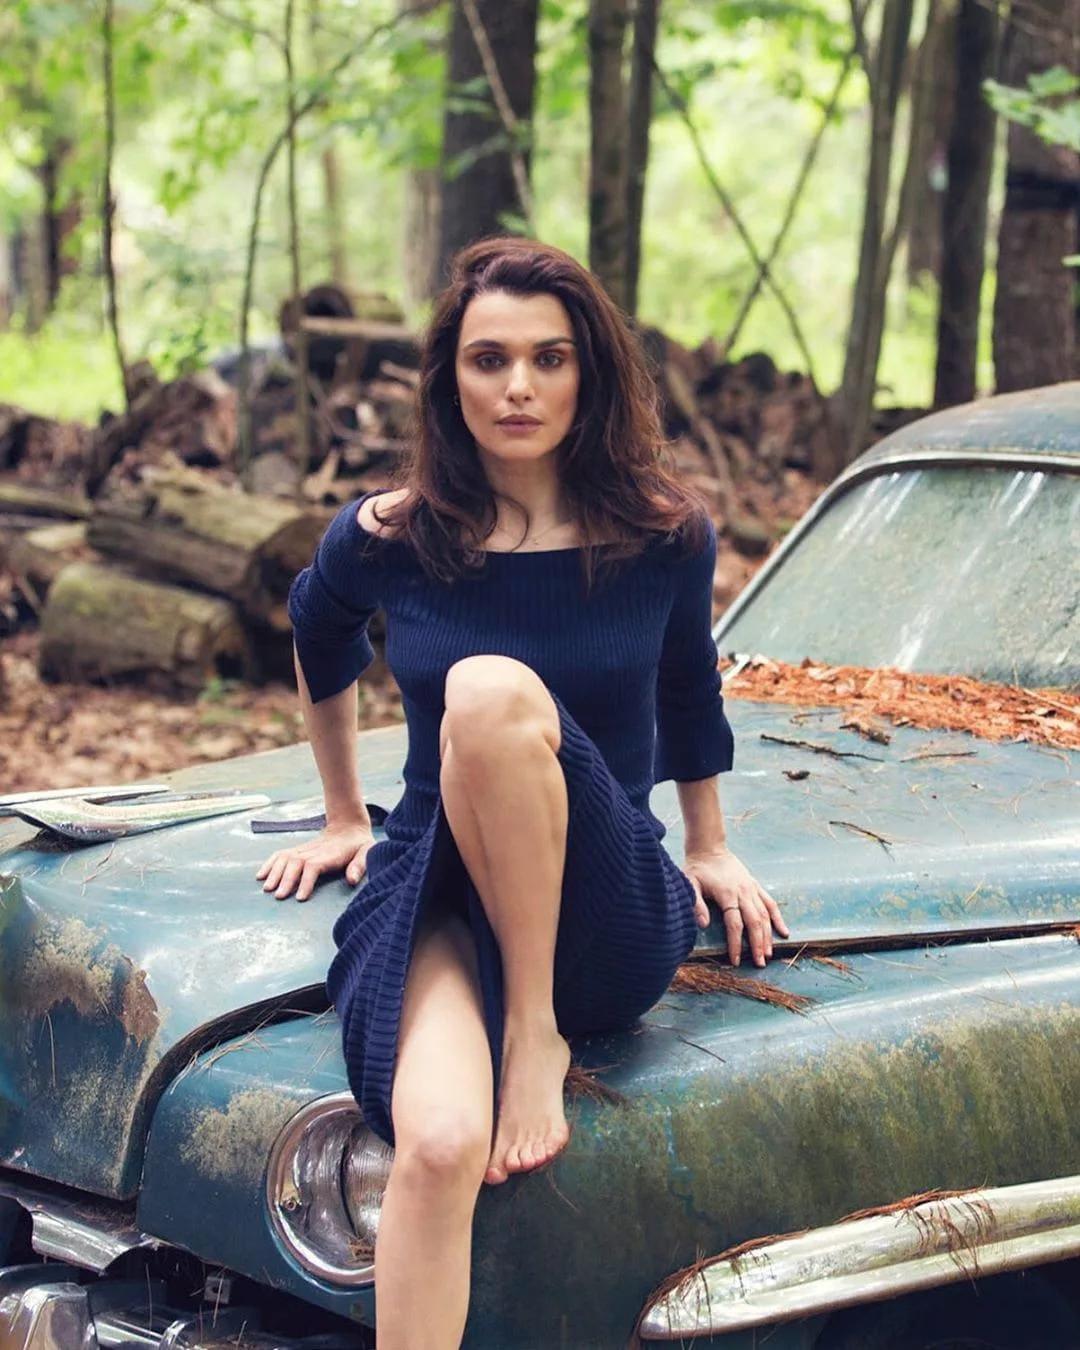 Рэйчел Вайс фото горячие сидит в лесу в темно синем платье с длинным рукавом на ржавом автомобиле, левую ногу согнула в колене и подняла на капот, босая